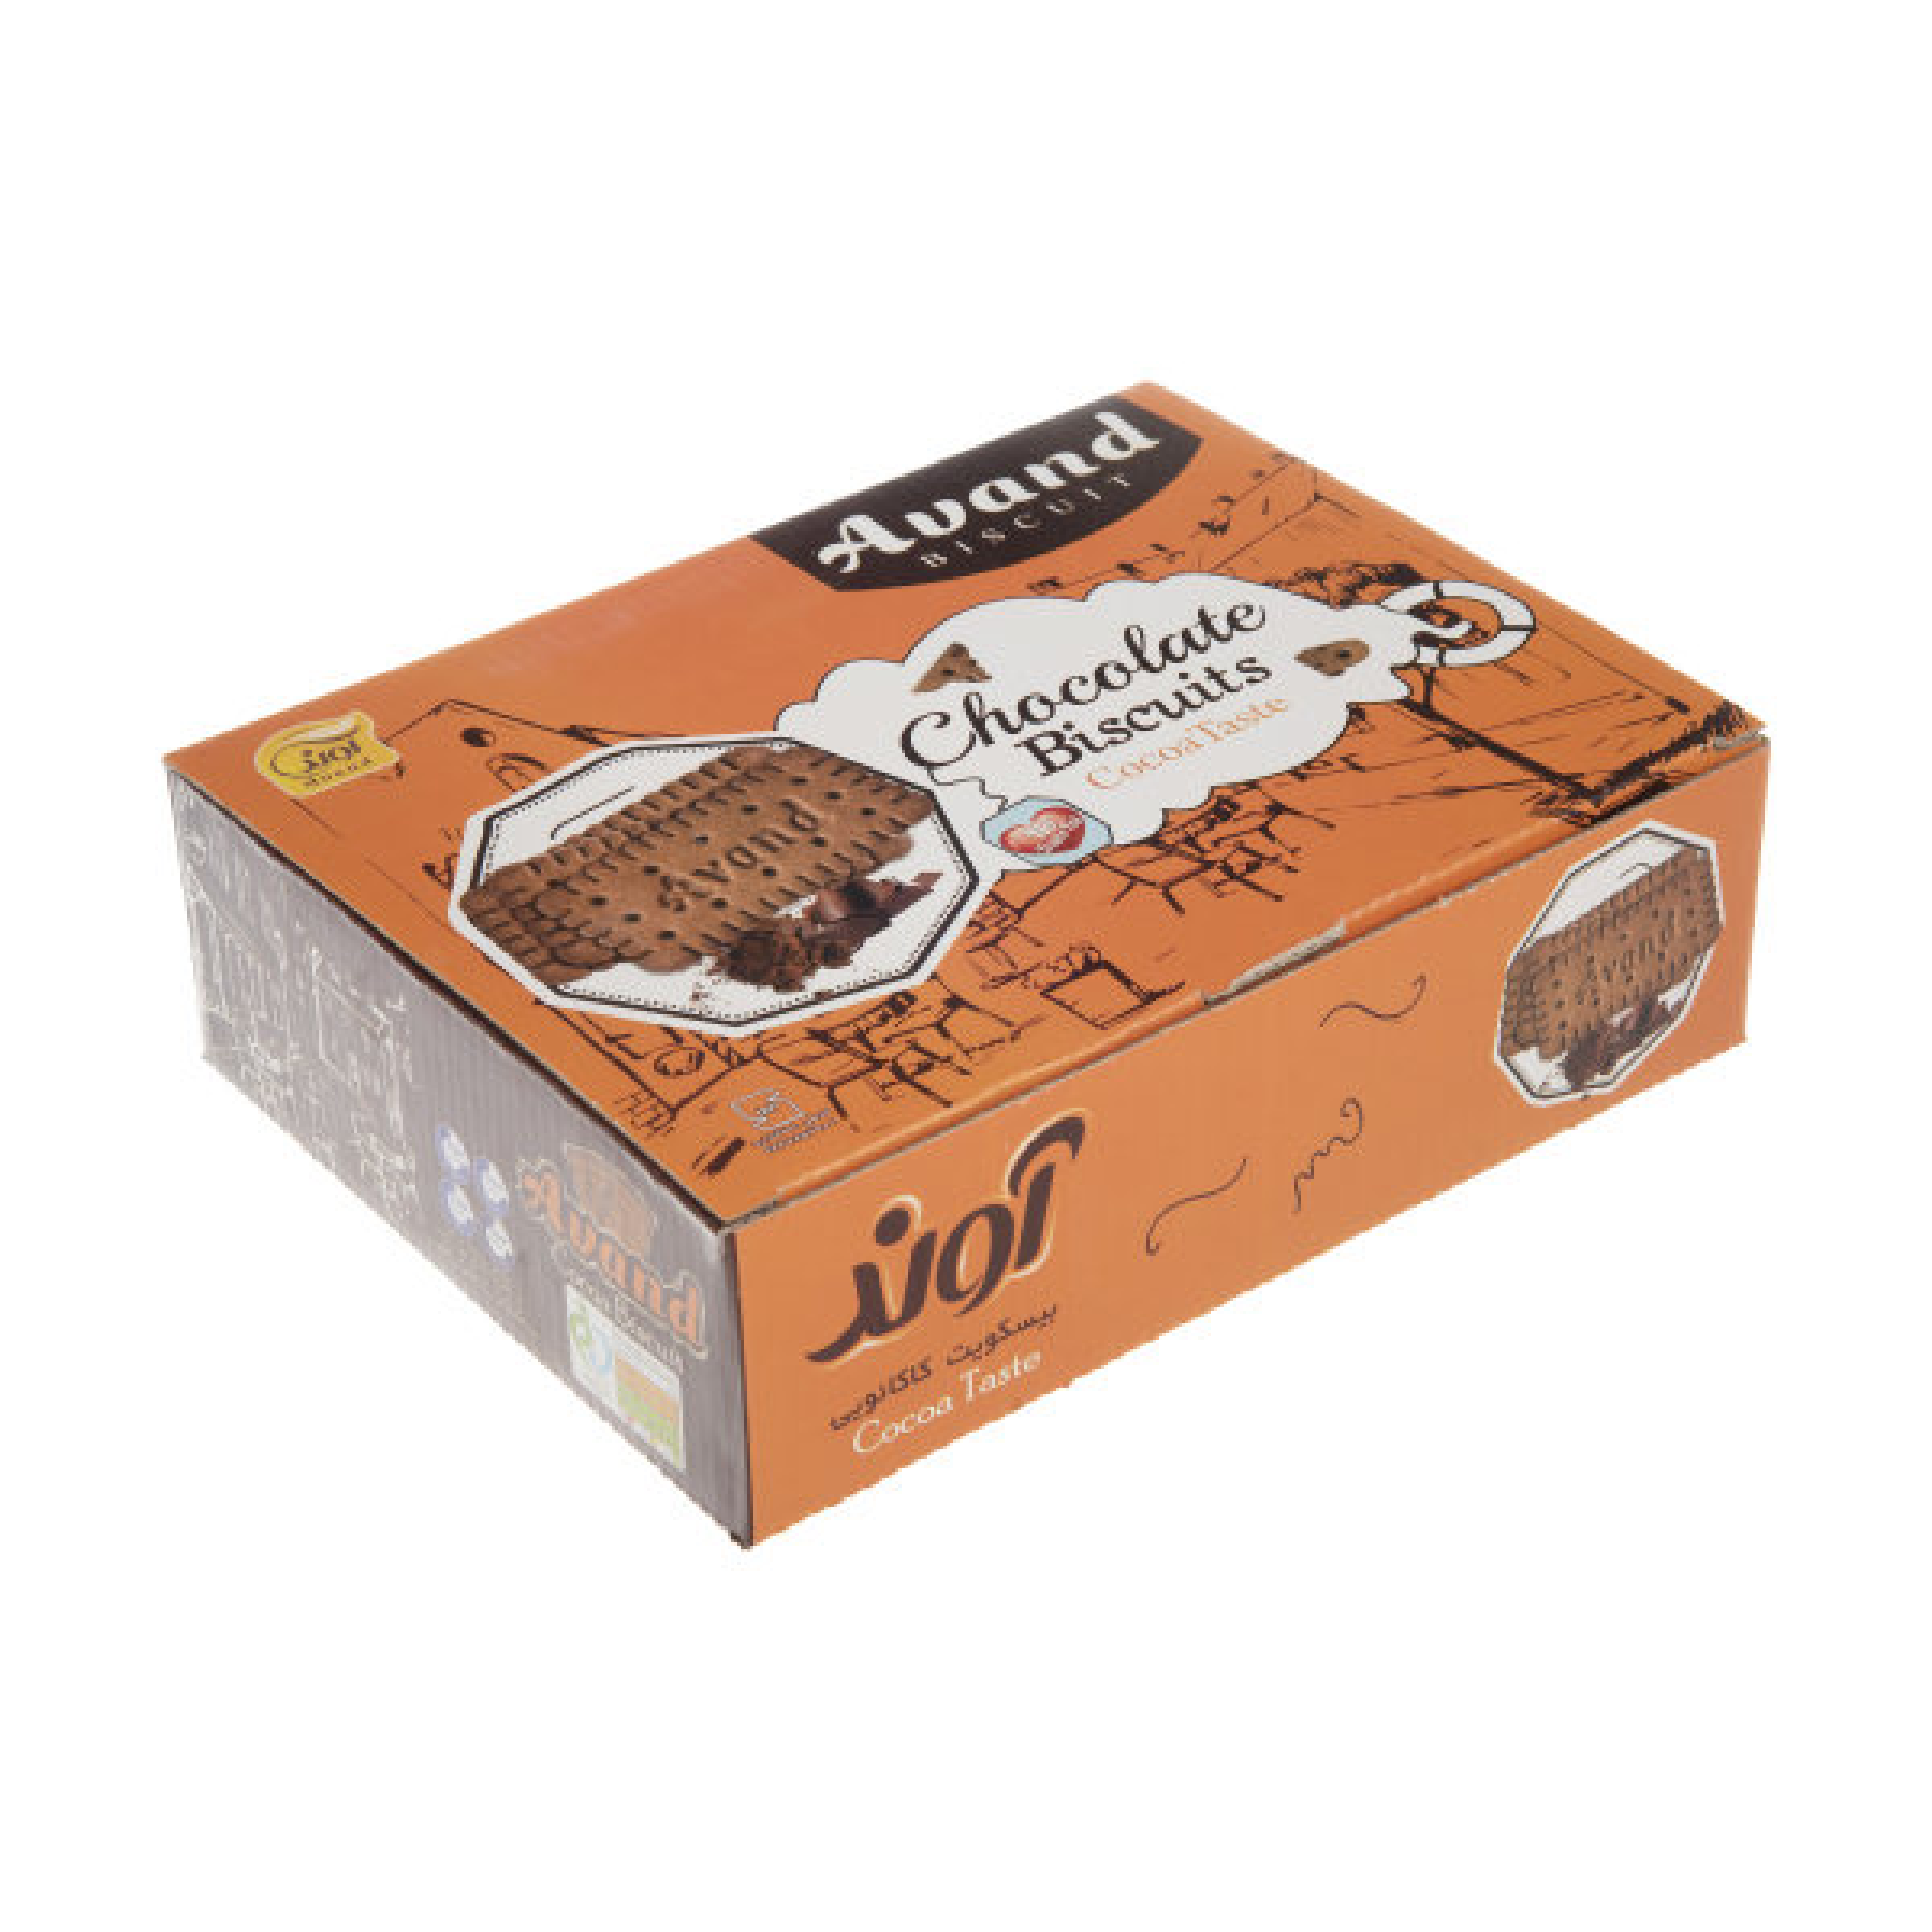 بیسکویت آوند با طعم کاکائو - 1140 گرم